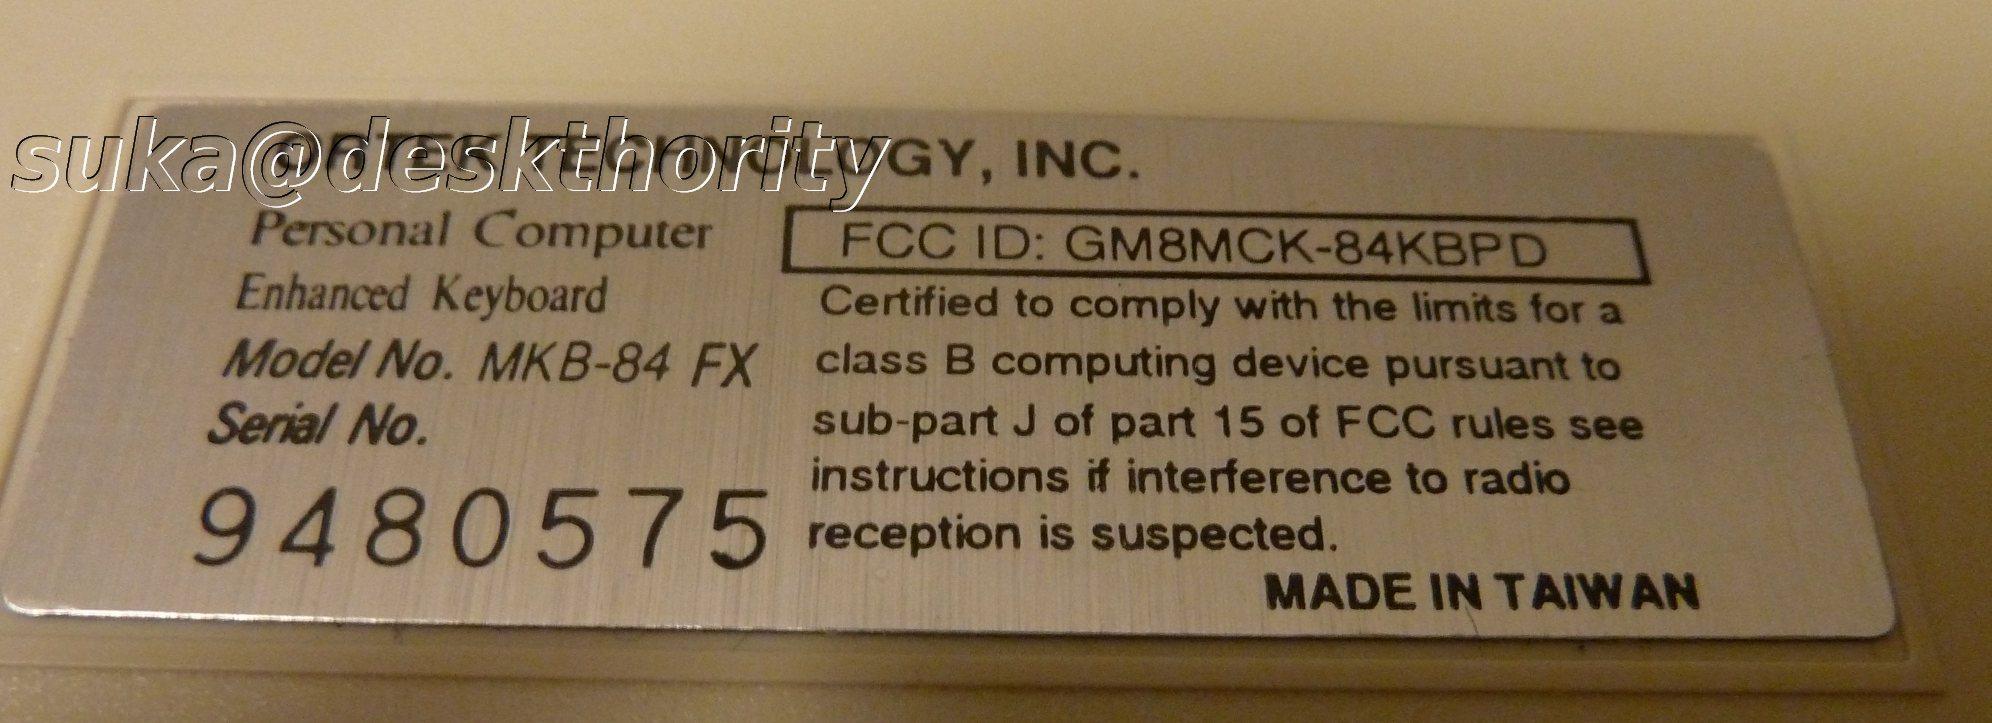 MKB-84_FX-2-TypeSerial_P1130416.JPG